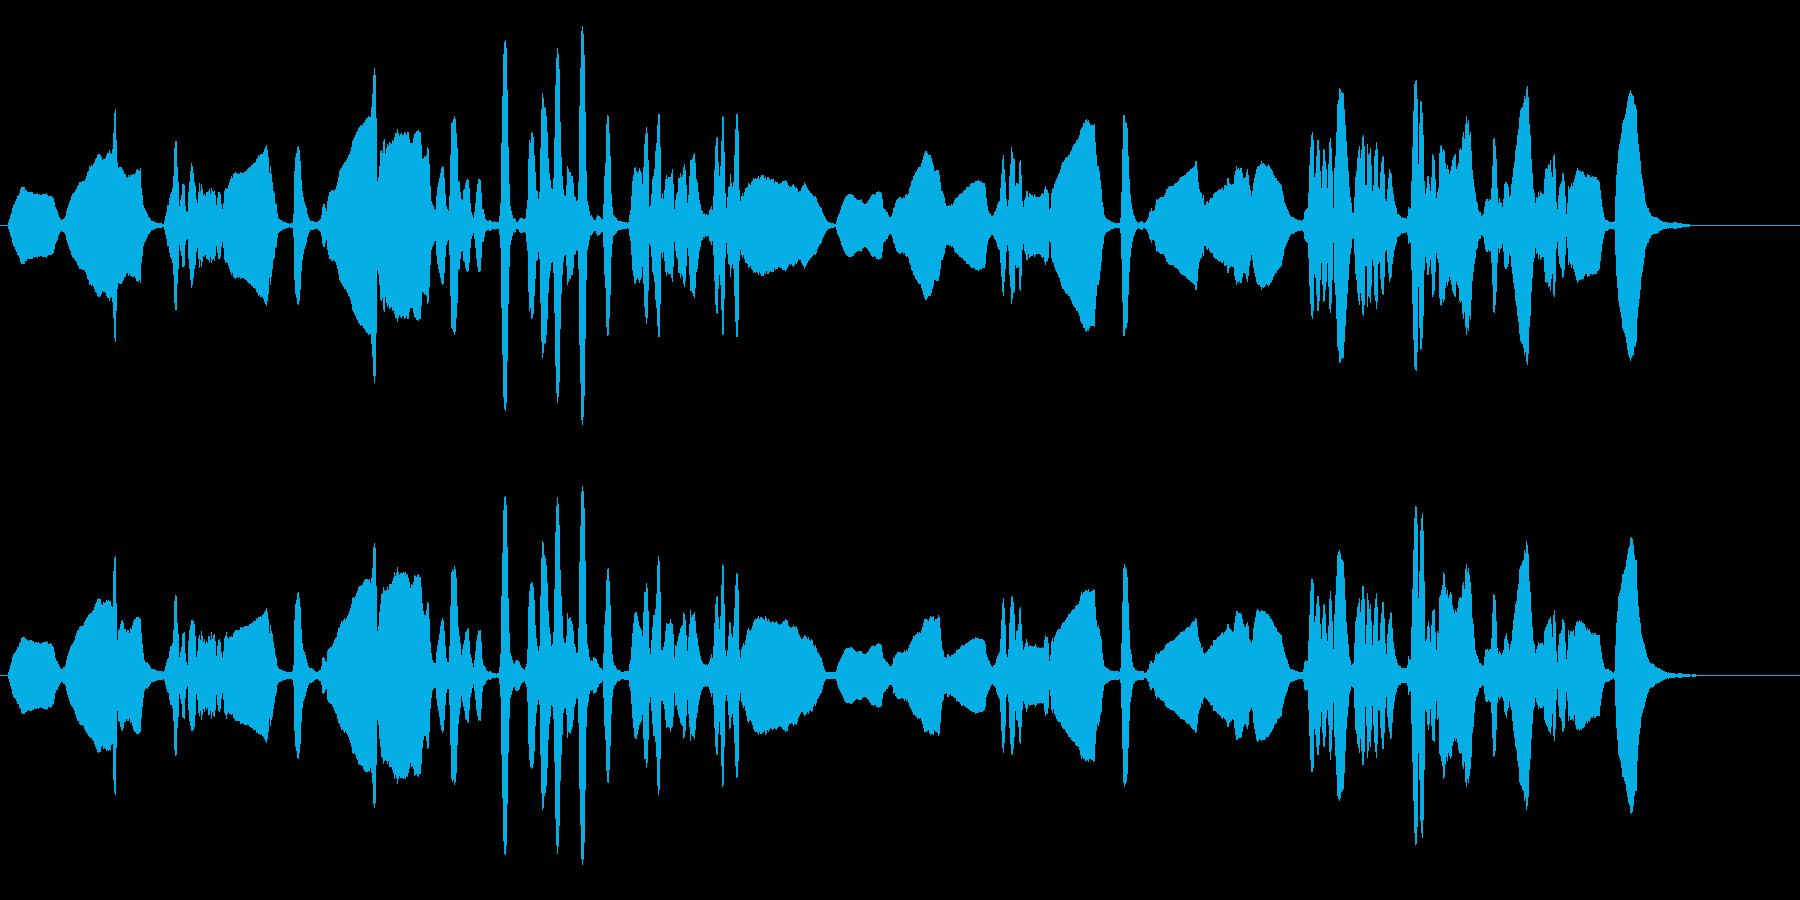 クラシカルなバイオリンソロの再生済みの波形